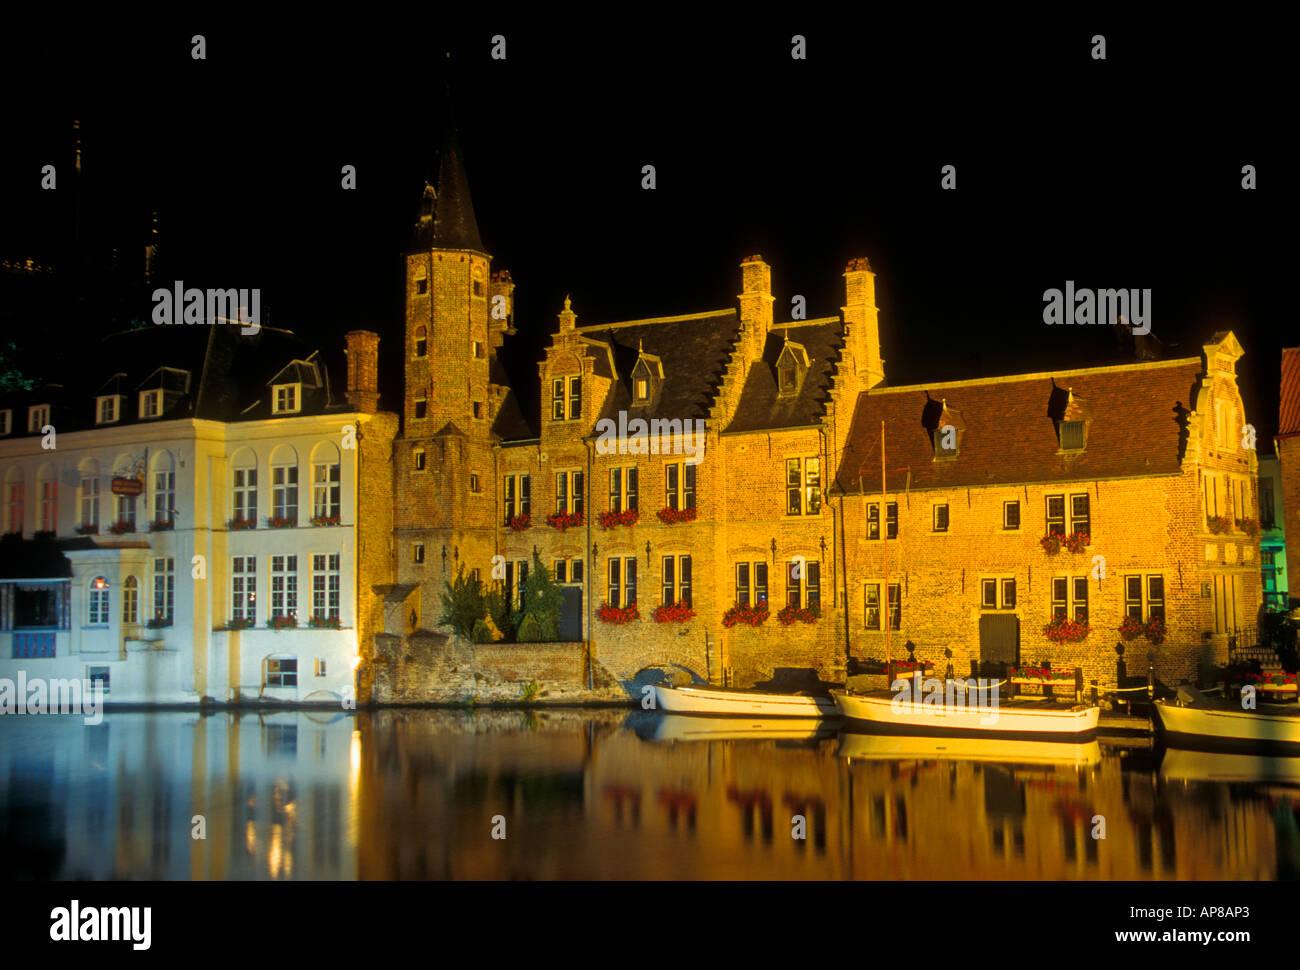 BELGIQUE FLANDRE OCCIDENTALE BRUGGE BRUGES Hôtel de